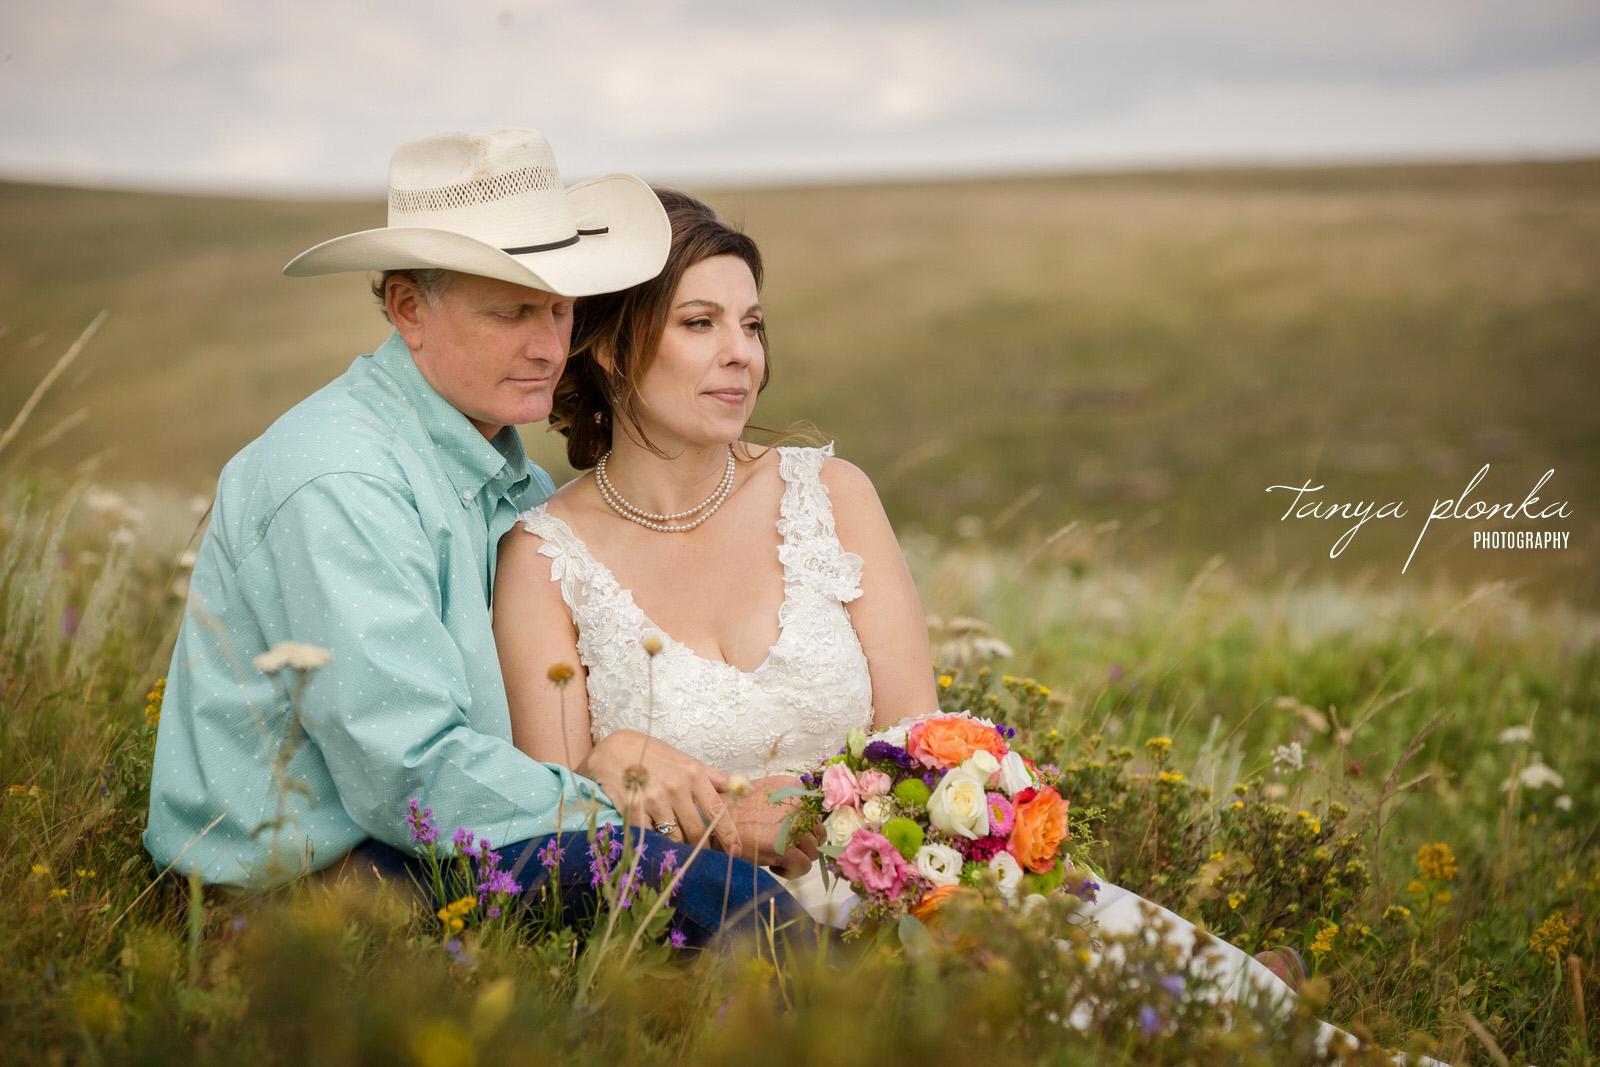 Bride and groom in cowboy hat sit in field of wild flowers